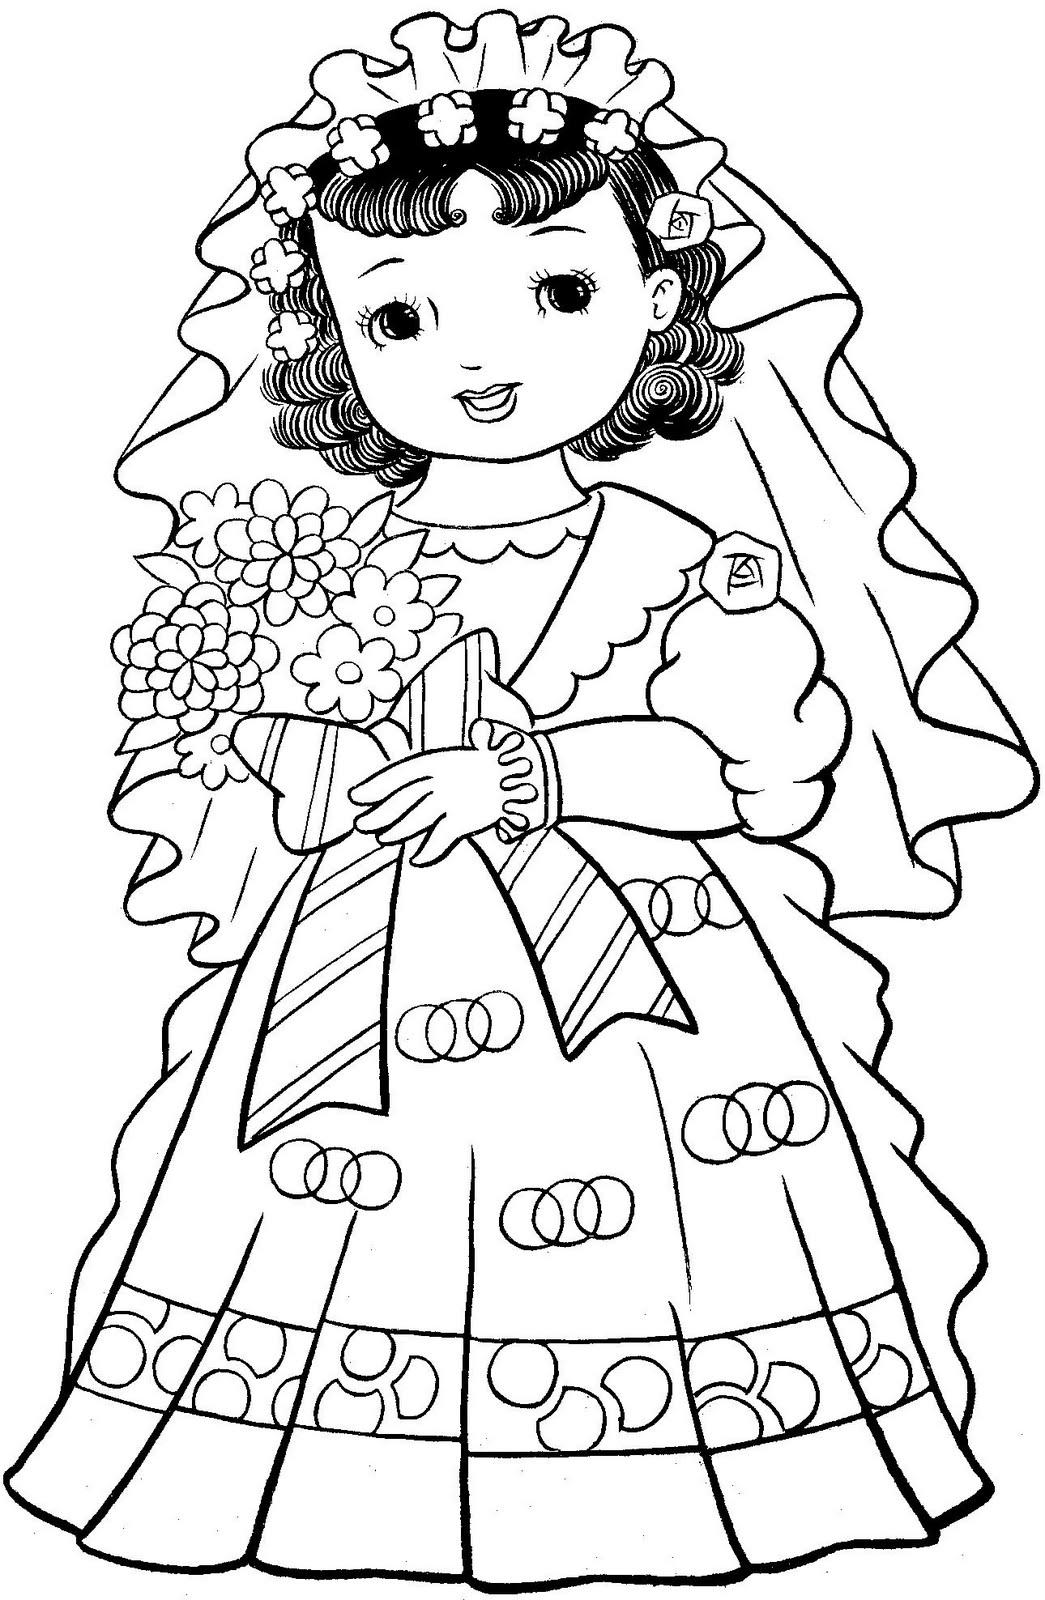 O Mundo Colorido Livro De Colorir Com Meninas Japonesas